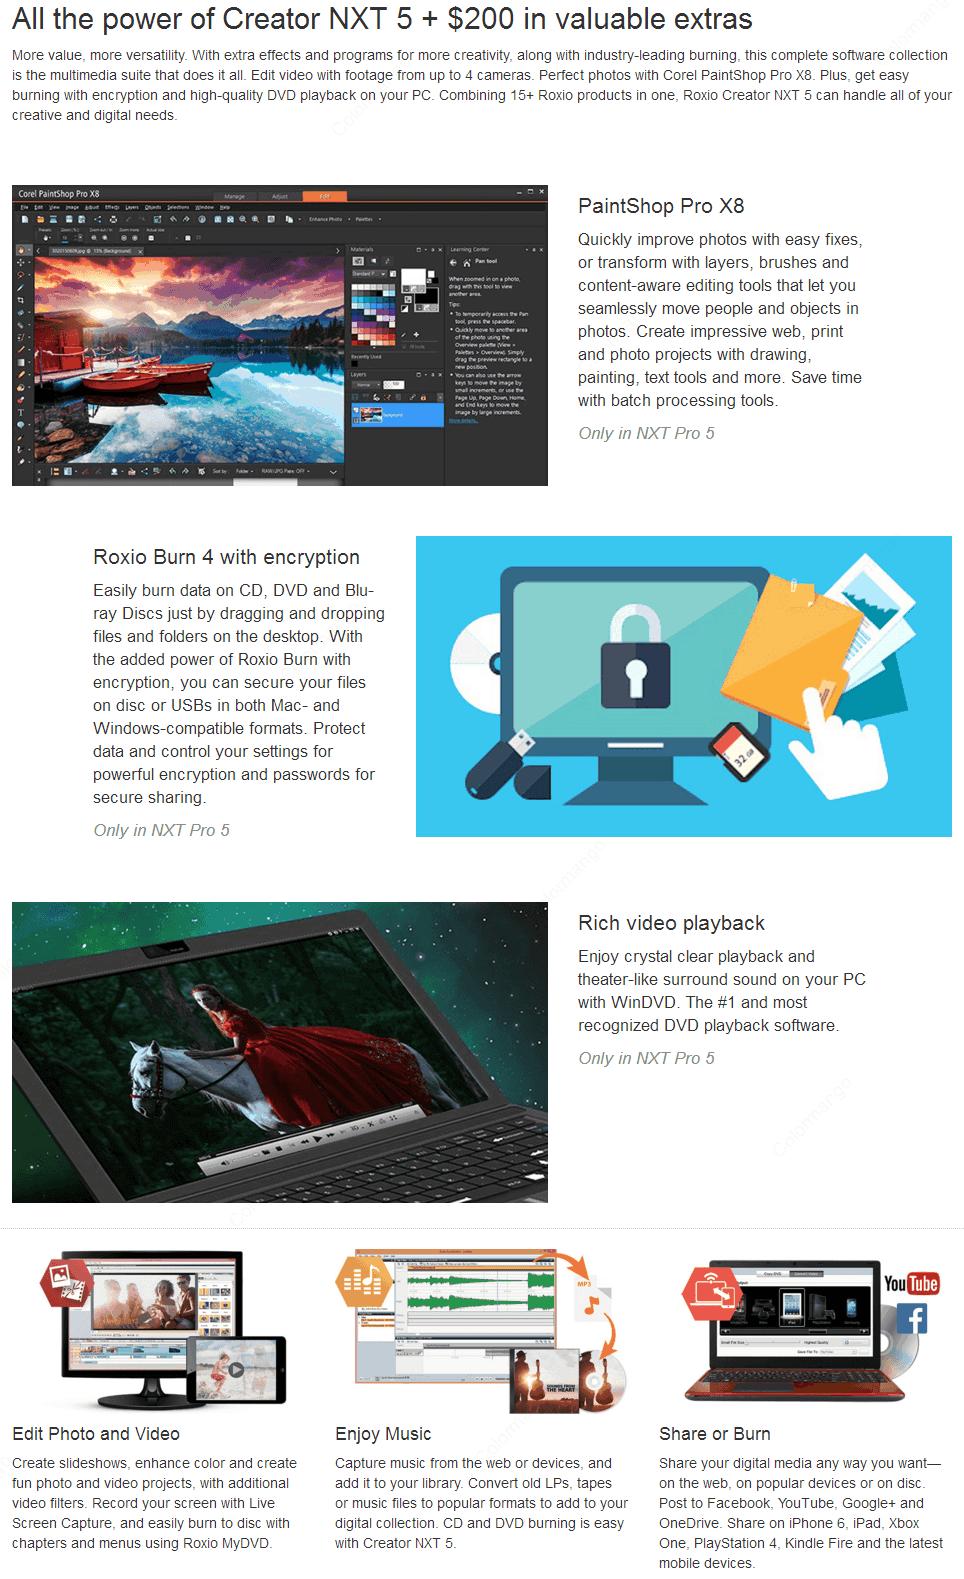 roxio creator nxt 5 user manual